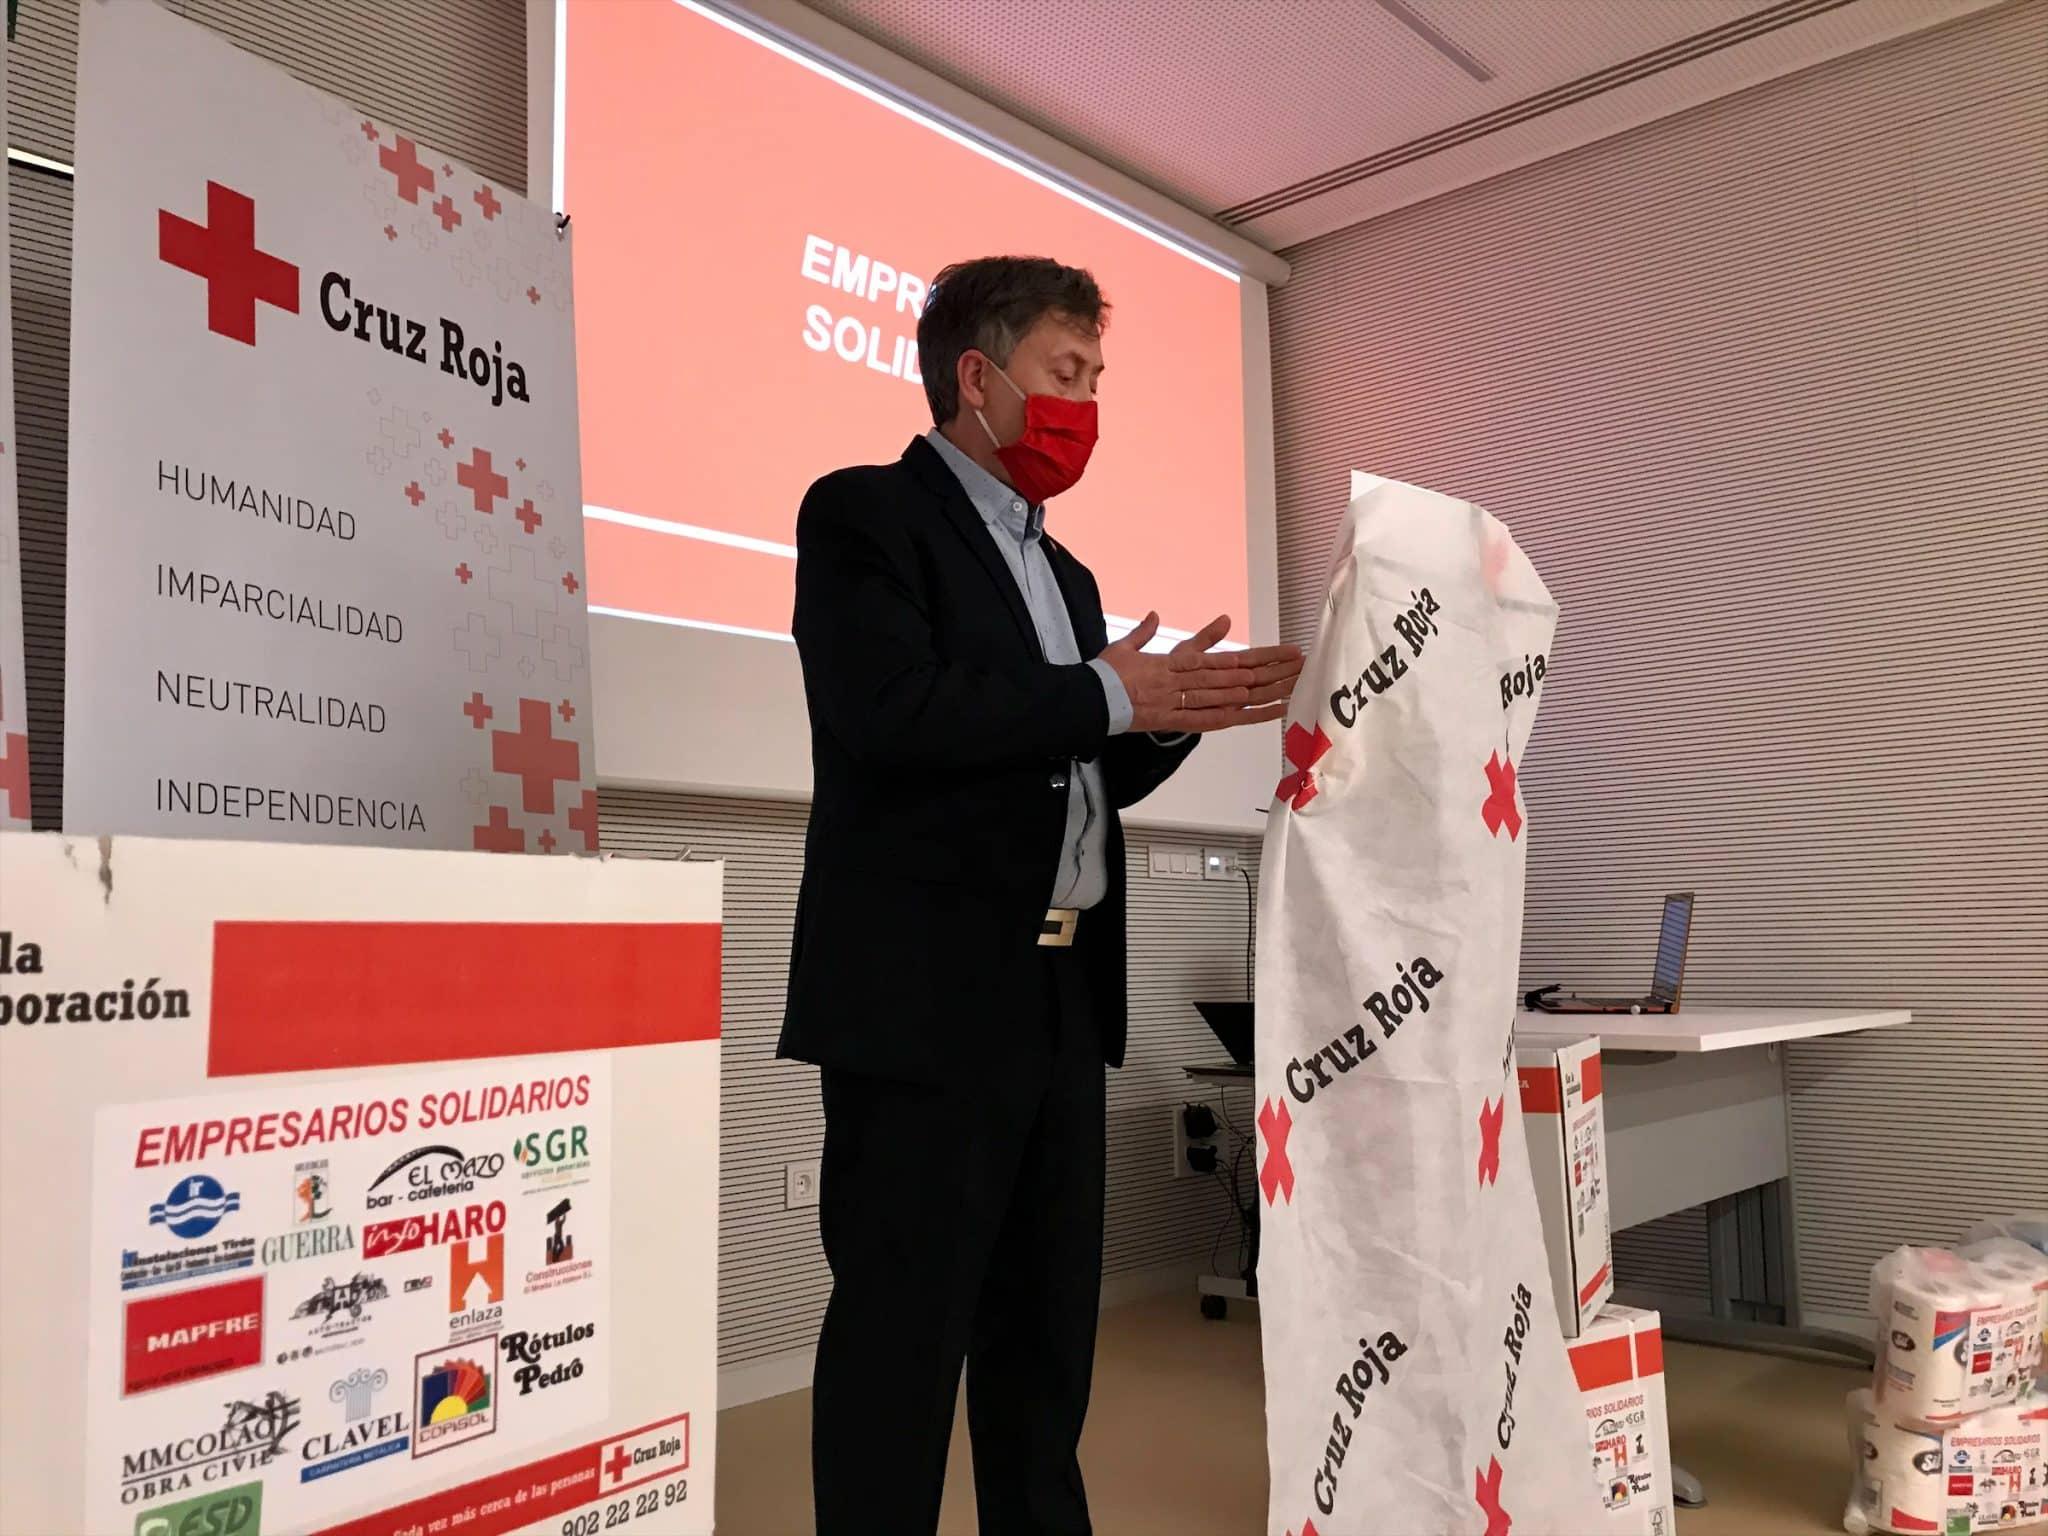 15 empresarios colaboran con Cruz Roja Haro en un proyecto solidario para ayudar a familias vulnerables 1